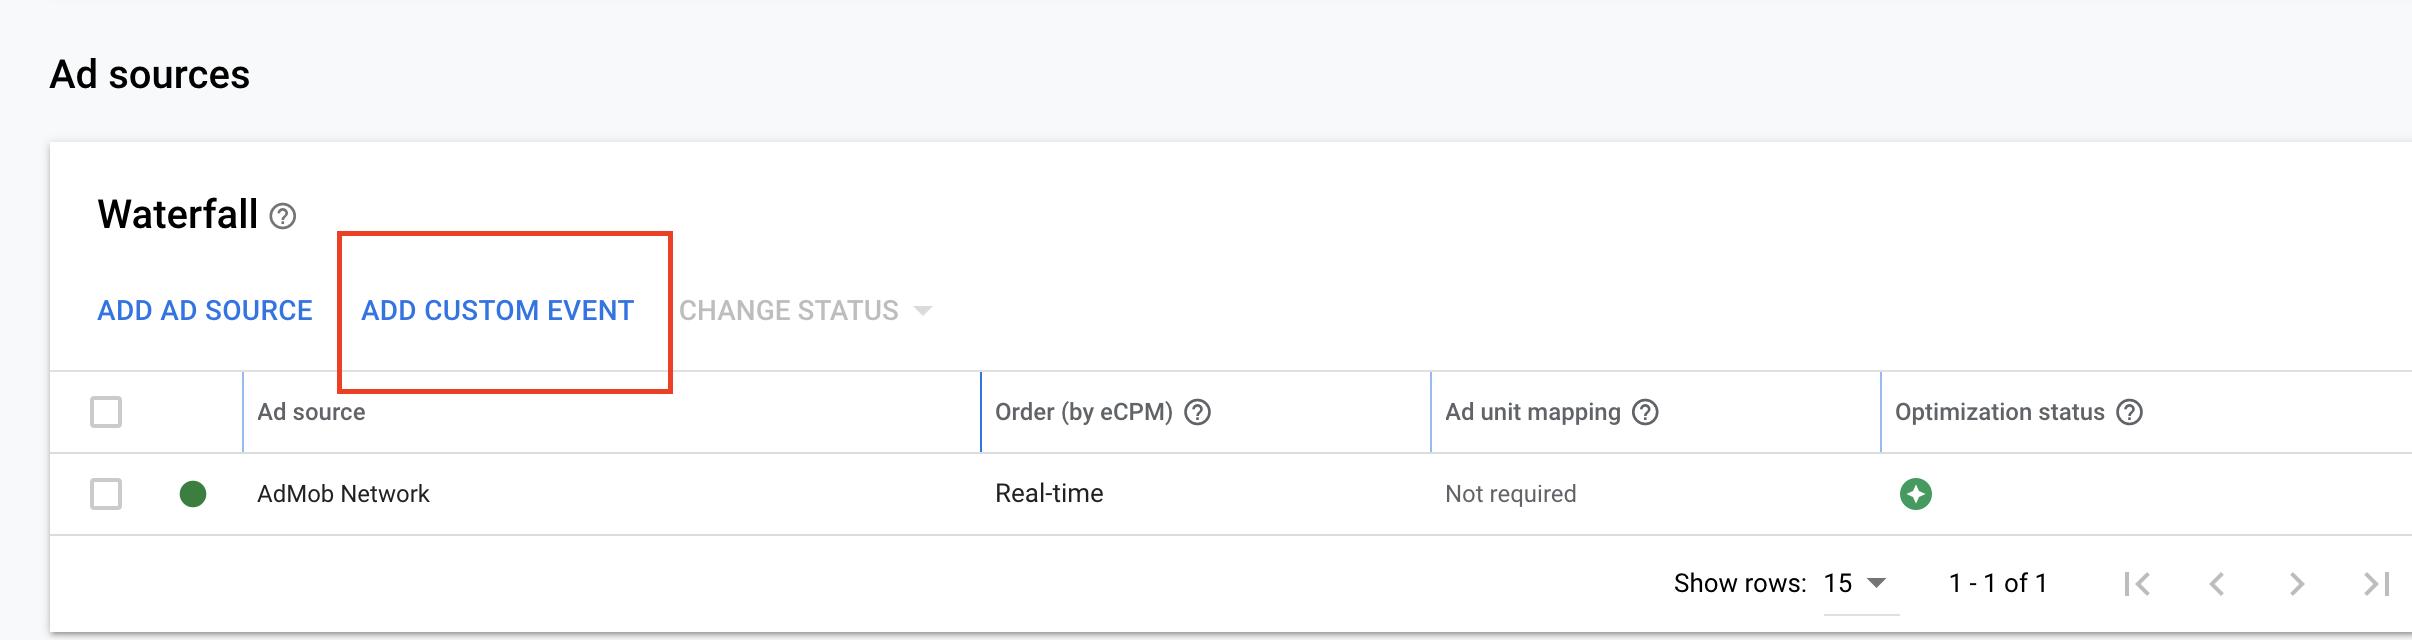 add-custom-event.png